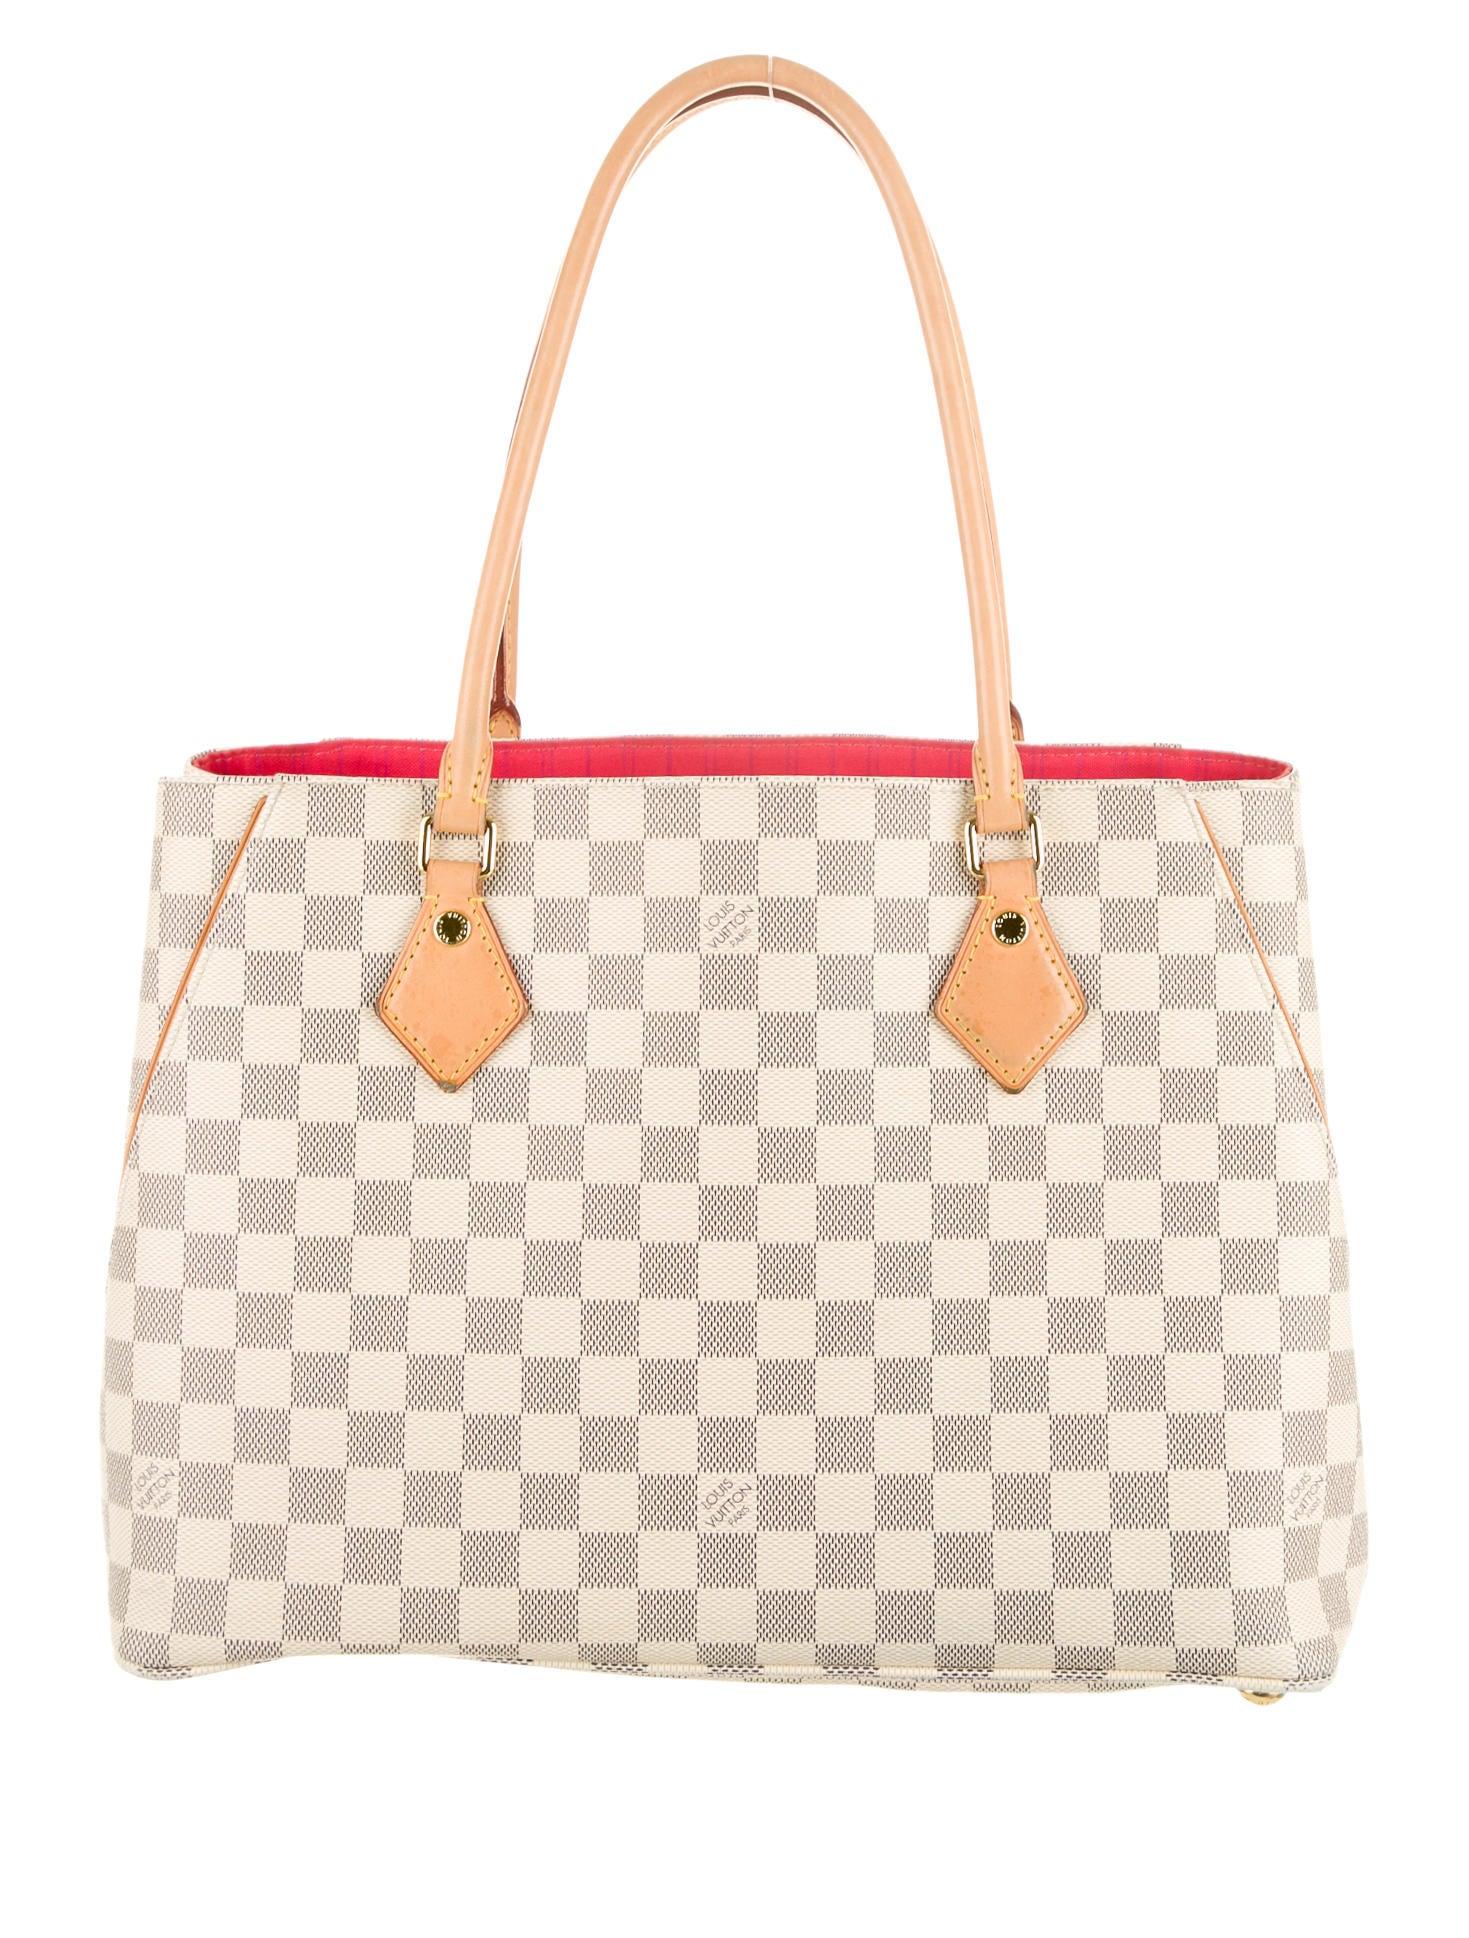 7ae2818b267a Louis Vuitton Damier Azur Calvi Tote - Handbags - LOU44217